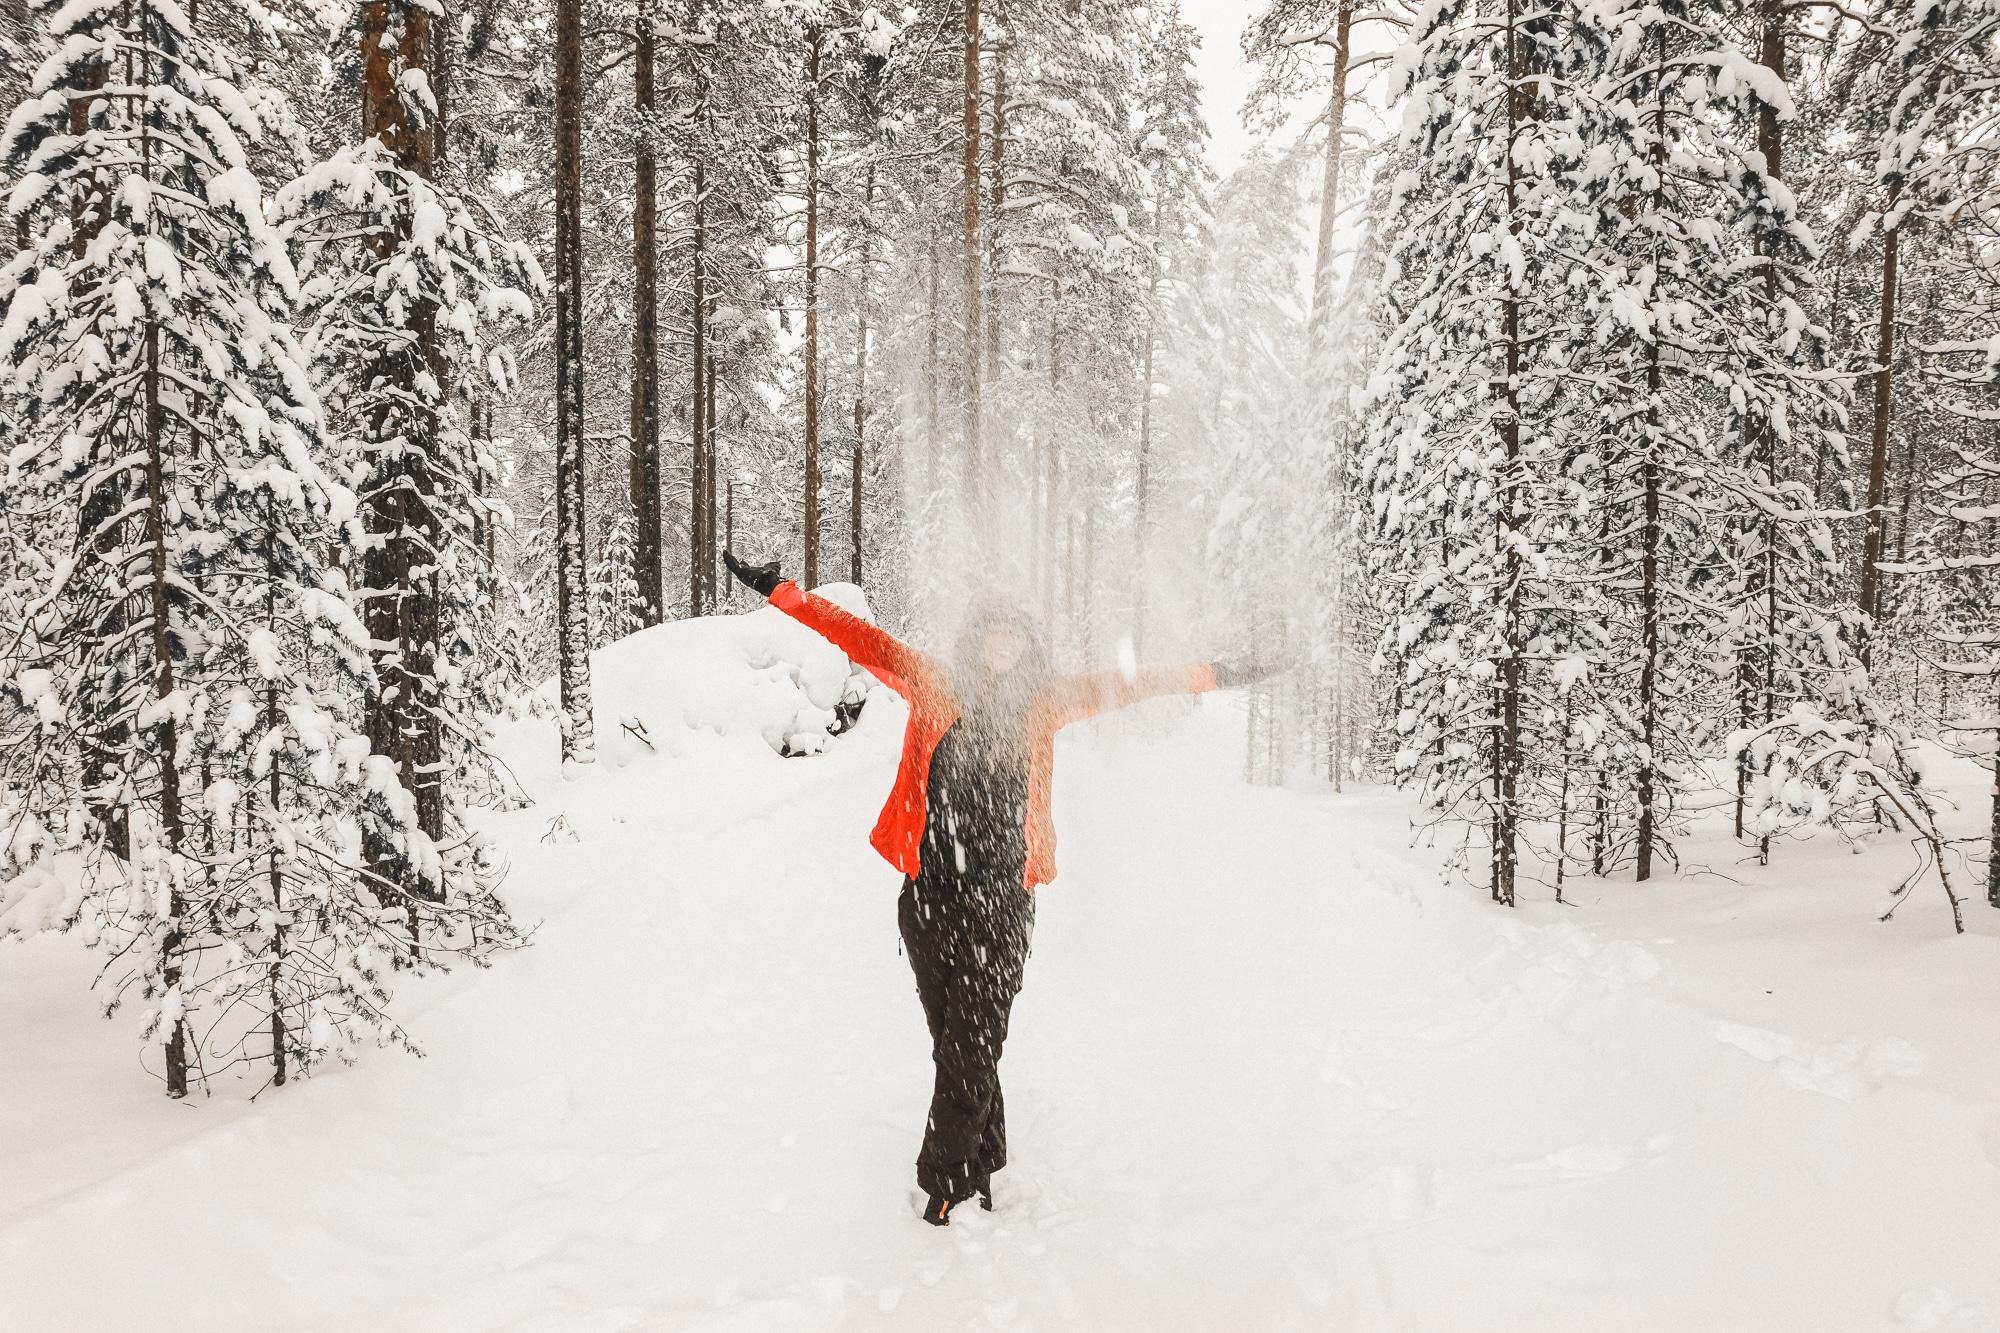 Vuokatti im zentralen Finnland ist ein Winterwunderland. Meine Tipps rund um Skifahren, Langlauf, Hundeschlitten fahren und Wintersport in der Region.